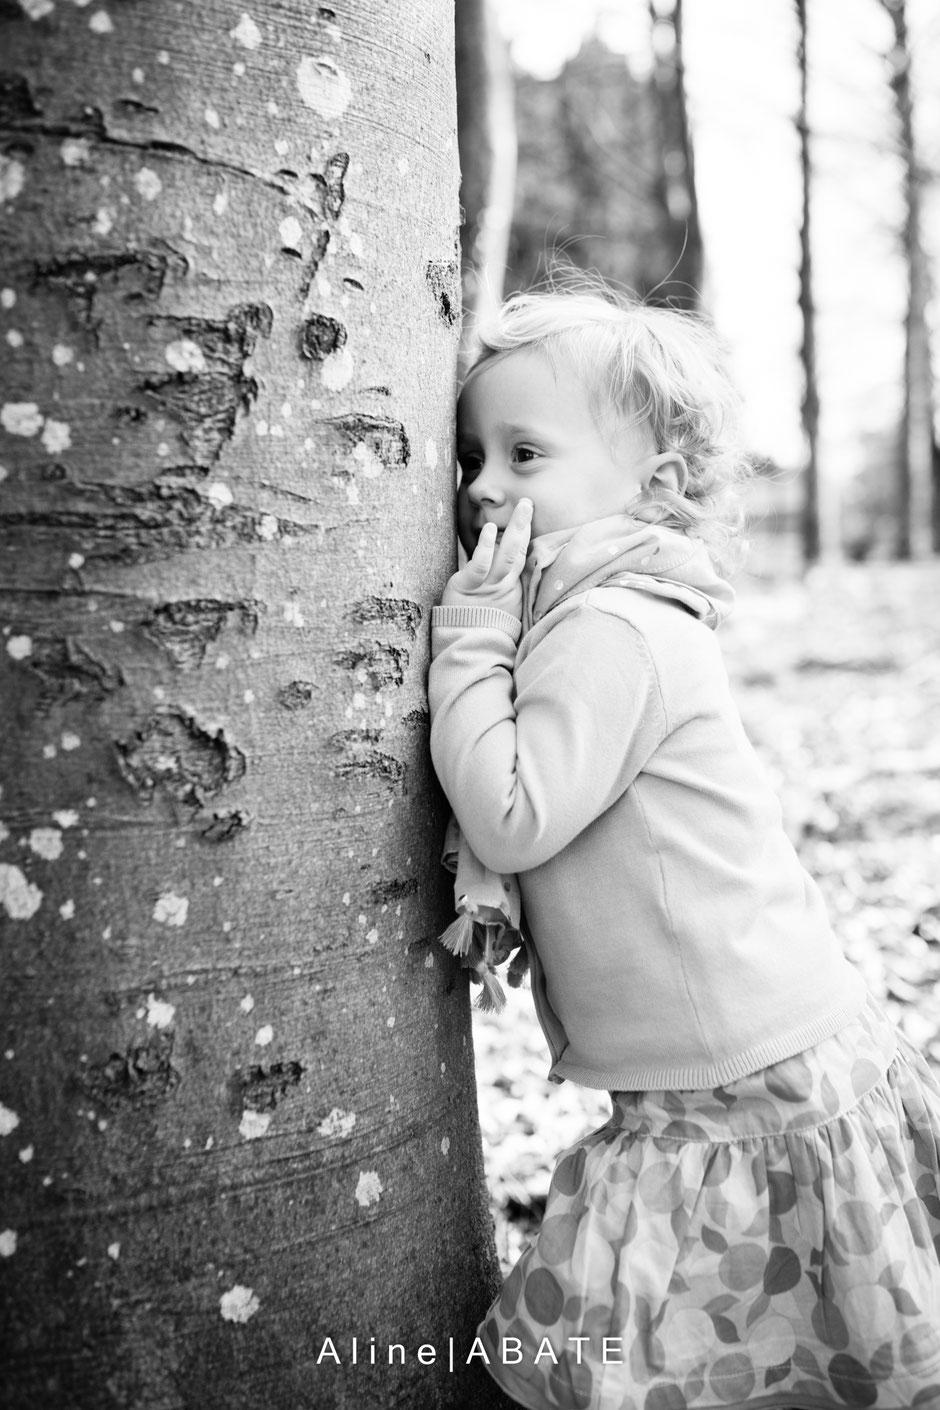 enfant jouant à cache-cache derrière un arbre